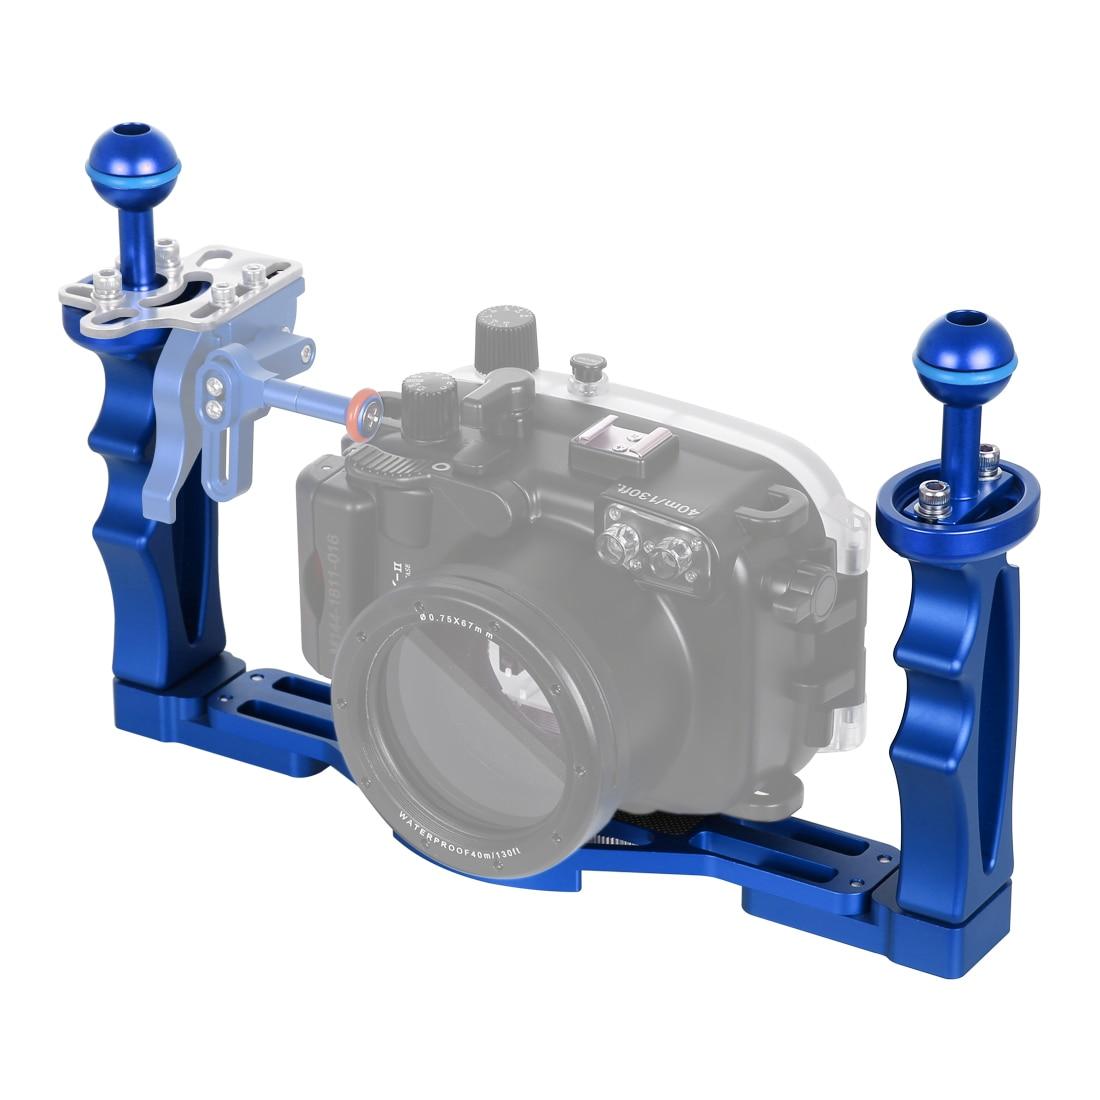 Stabilisateur de plateau en alliage d'aluminium à double poignées PULUZ pour caméra d'action Gopro boîtiers de caméra numérique DSLR sous-marine pour téléphone portable